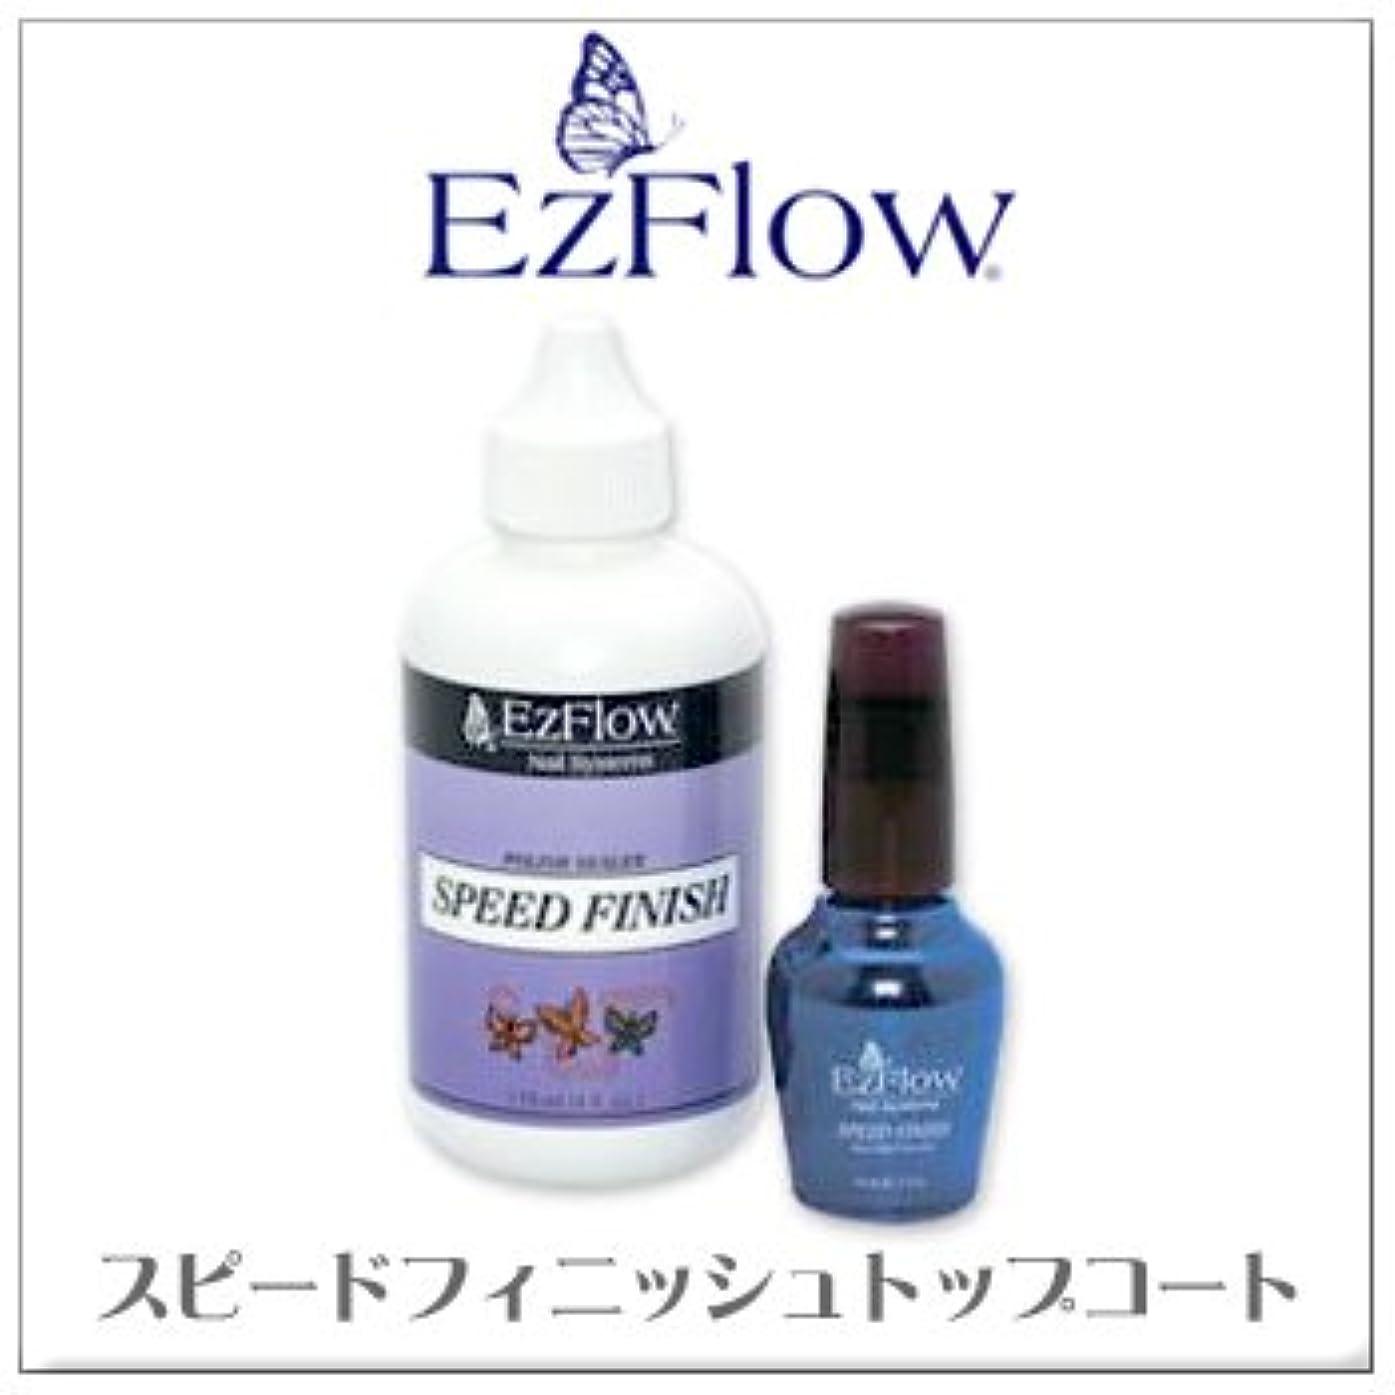 スプーン現在決済Ez-Flow (イージーフロー) スピードフィニッシュトップコート (1/2oz)